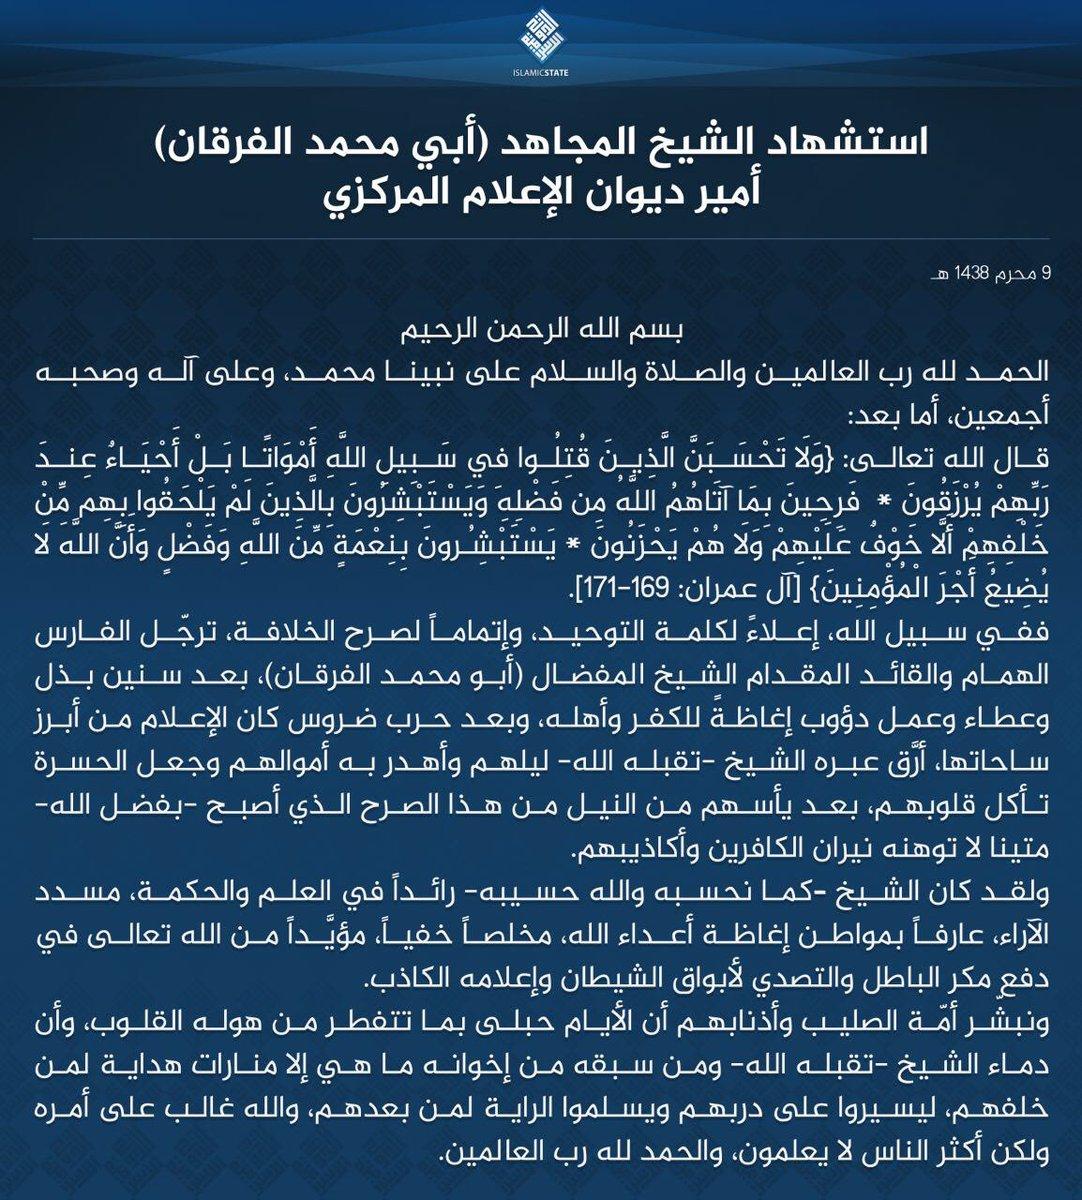 تنظيم #داعش يعلن مقتل ابو محمد الفرقان وزير الاعلام او ما يعرف بديوان الاعلام المركزي #سوريا